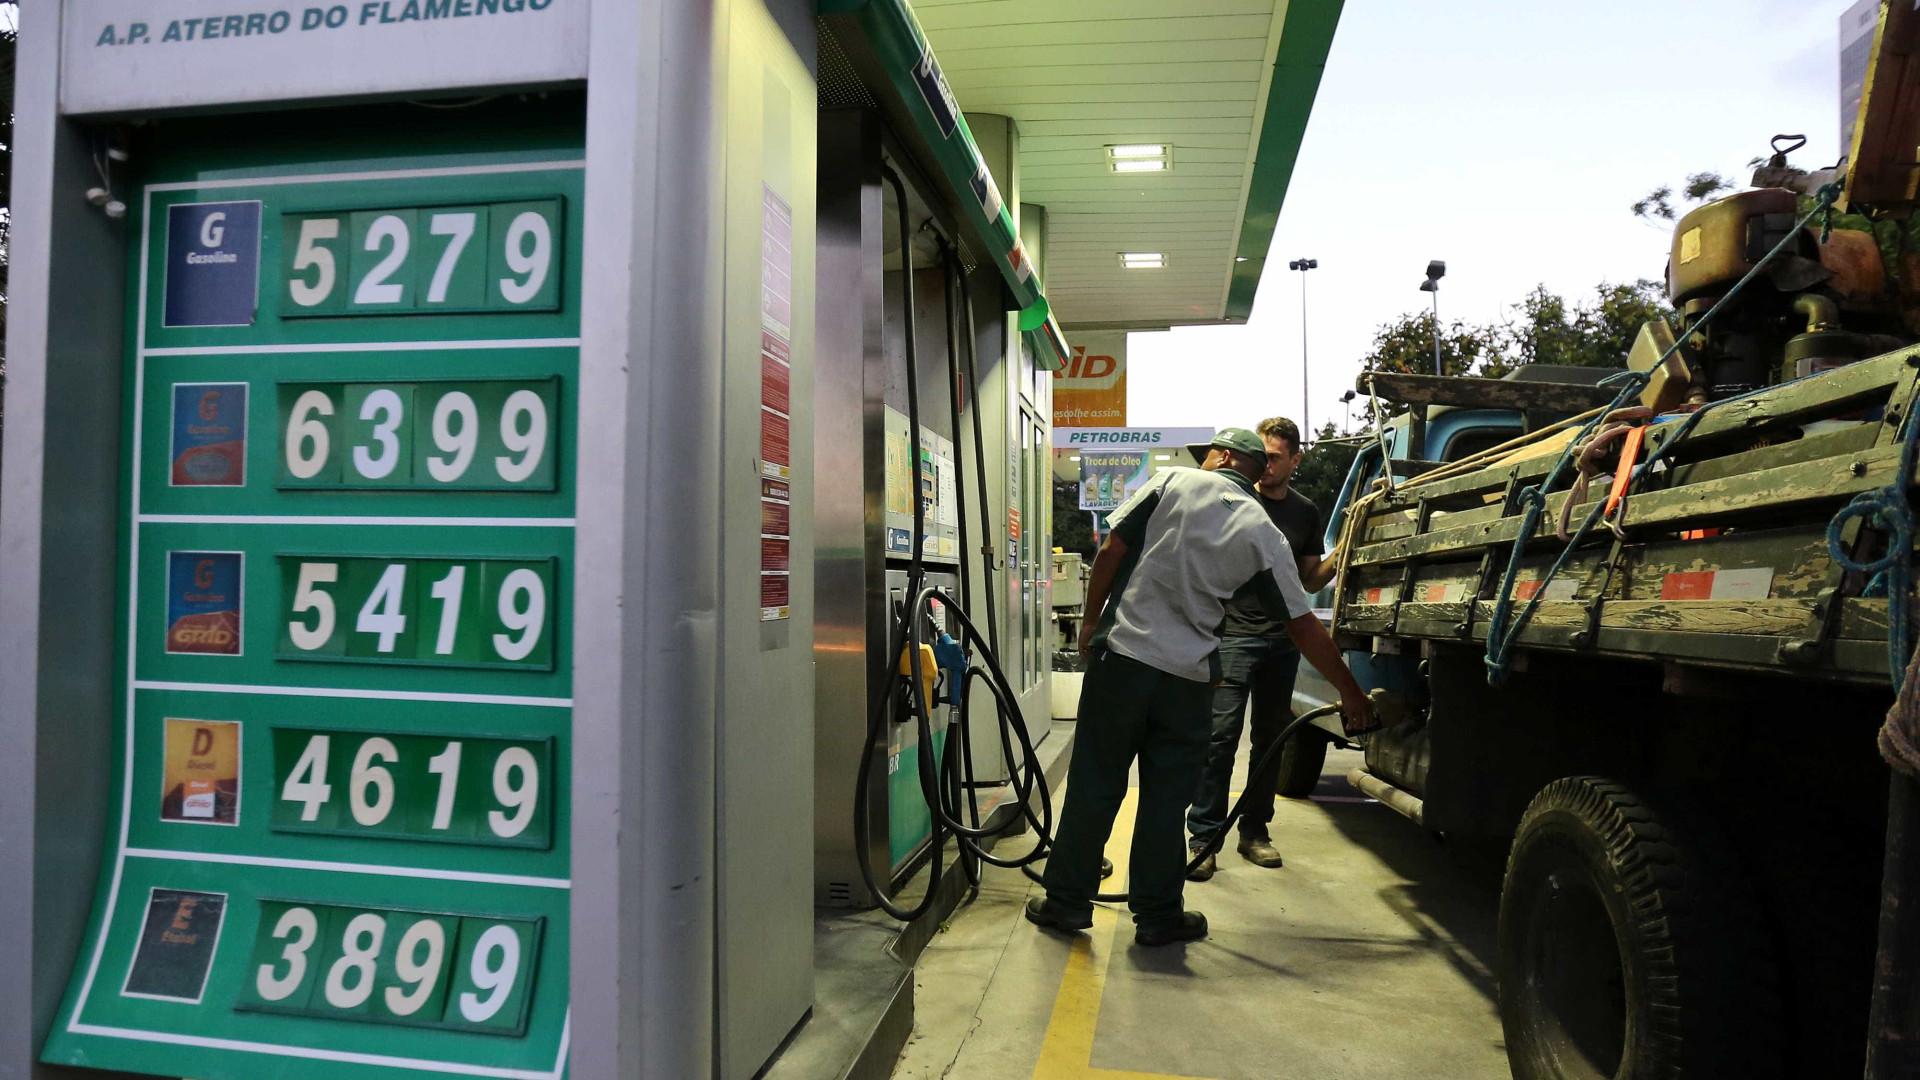 Gasolina já passa de R$ 5 em postos da cidade São Paulo